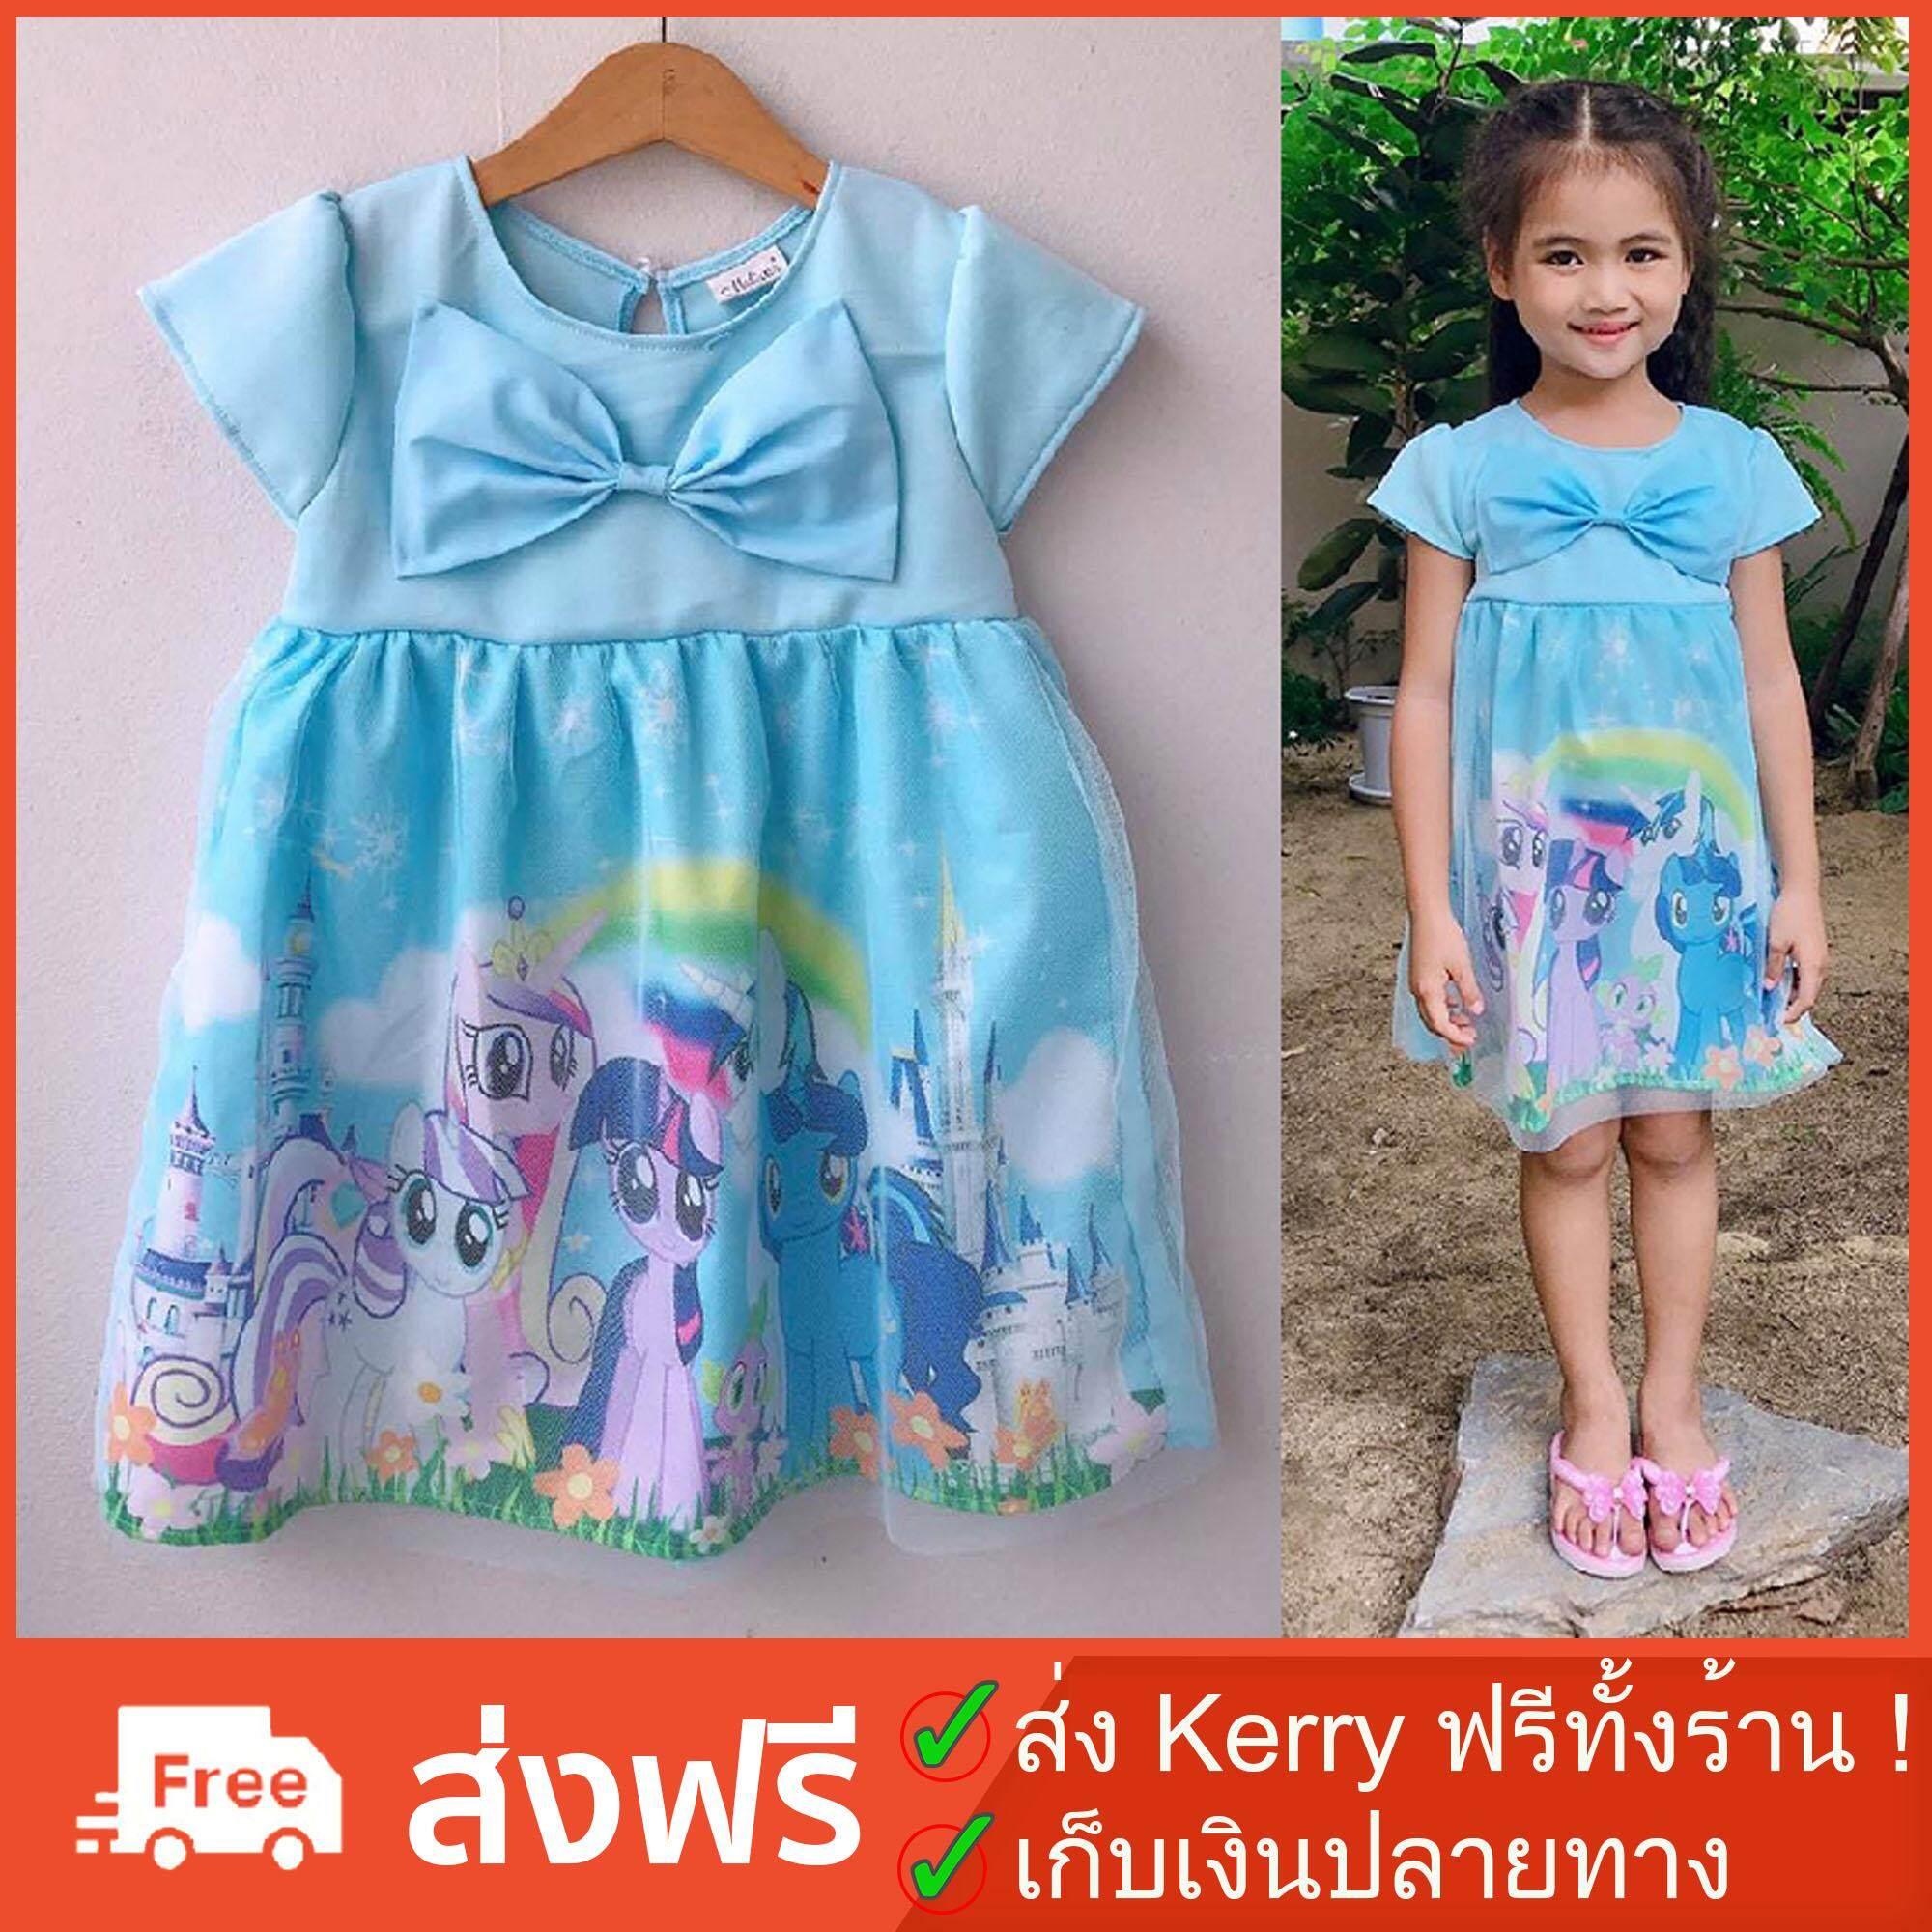 สุดยอดสินค้า!! ส่ง Kerry ฟรีทั้งร้าน !! ชุดเด็กผู้หญิง ชุดเจ้าหญิง เดรสโพนี่ ทรงเกาหลี ติดโบว์ใหญ่ #ของมันต้องมีค่ะคุณแม่